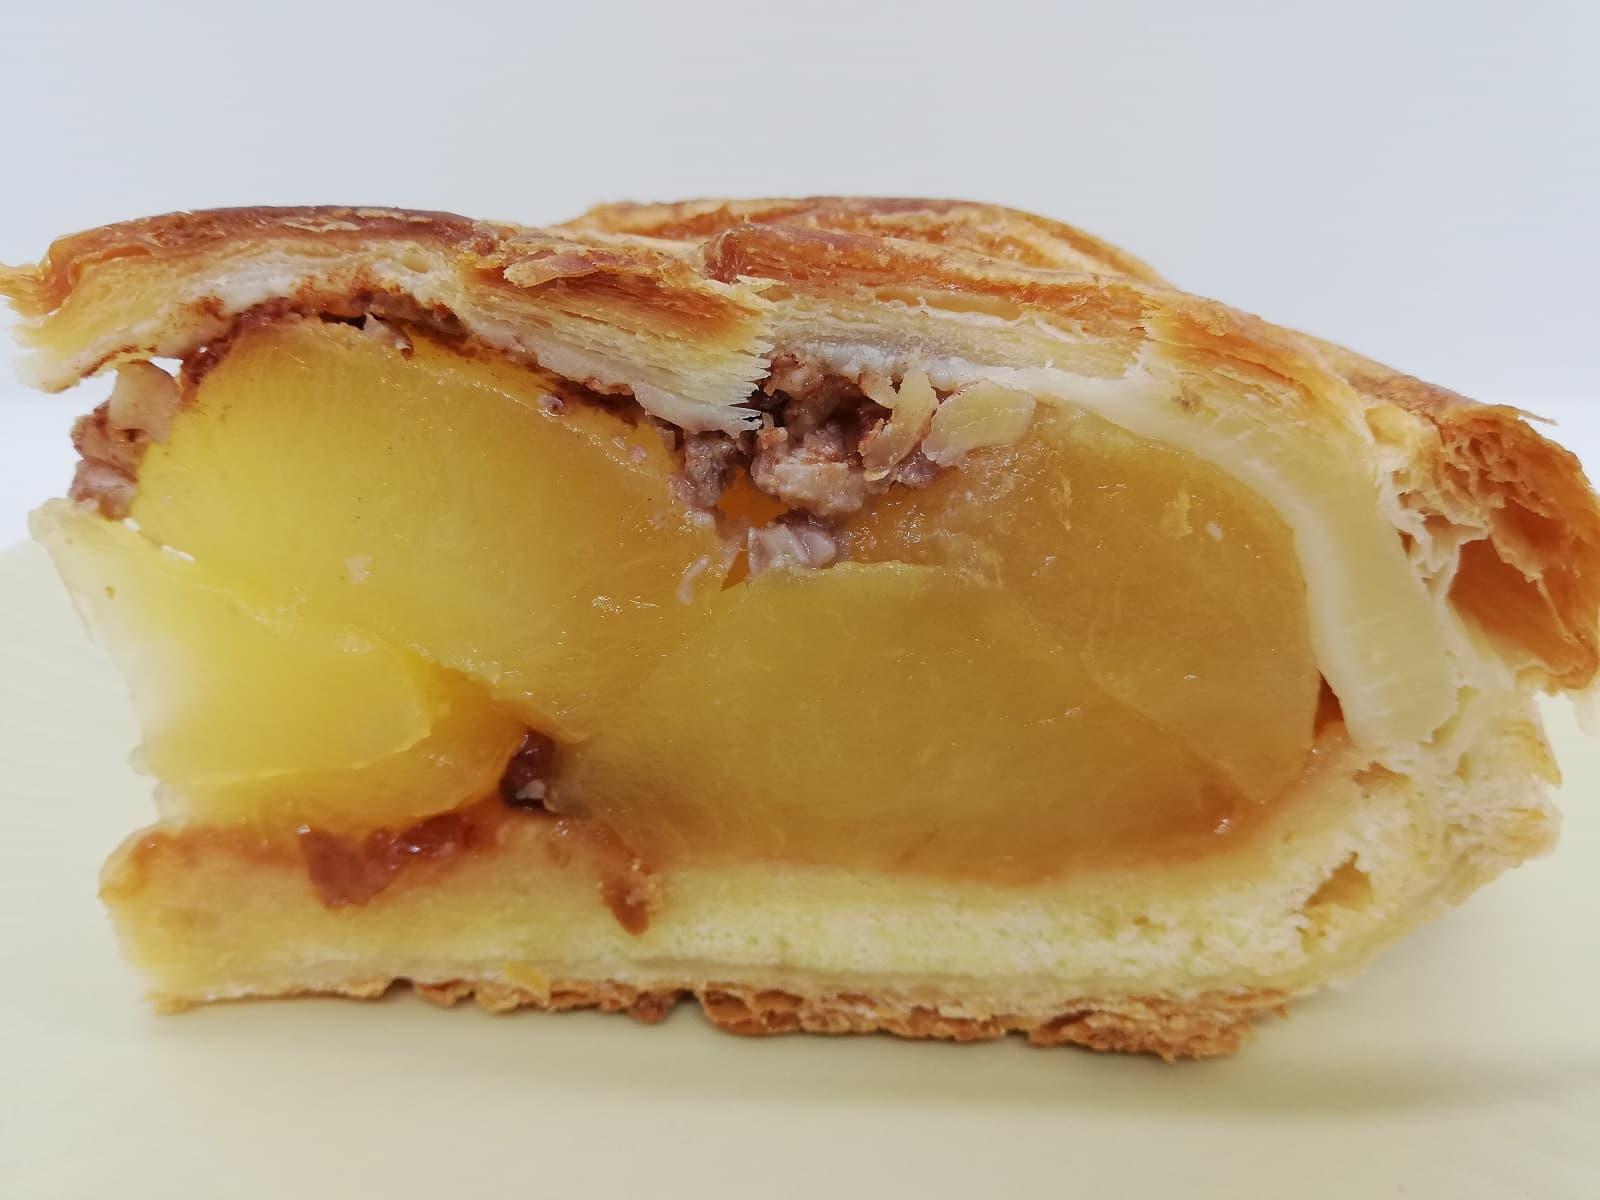 藤田観光りんご園のアップルパイのアップルフィリング